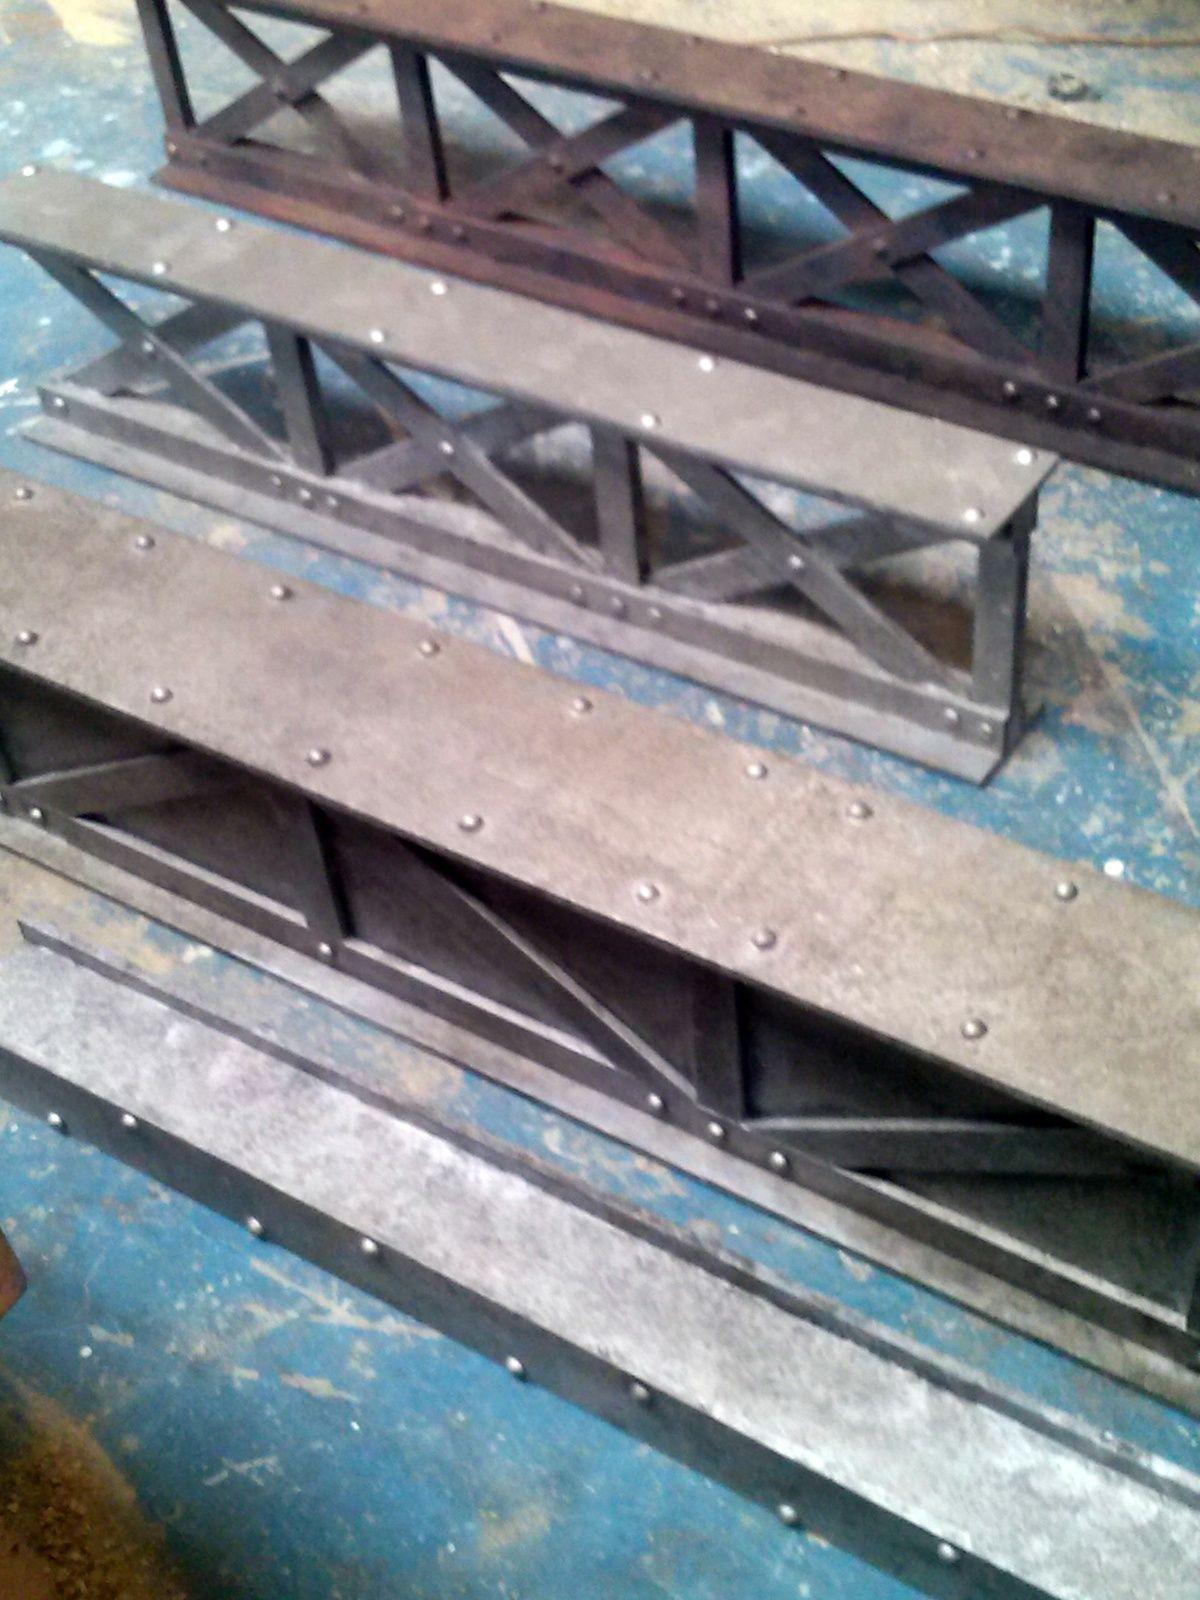 les poutres métallique et habillage fausse féraille effet industriel ...